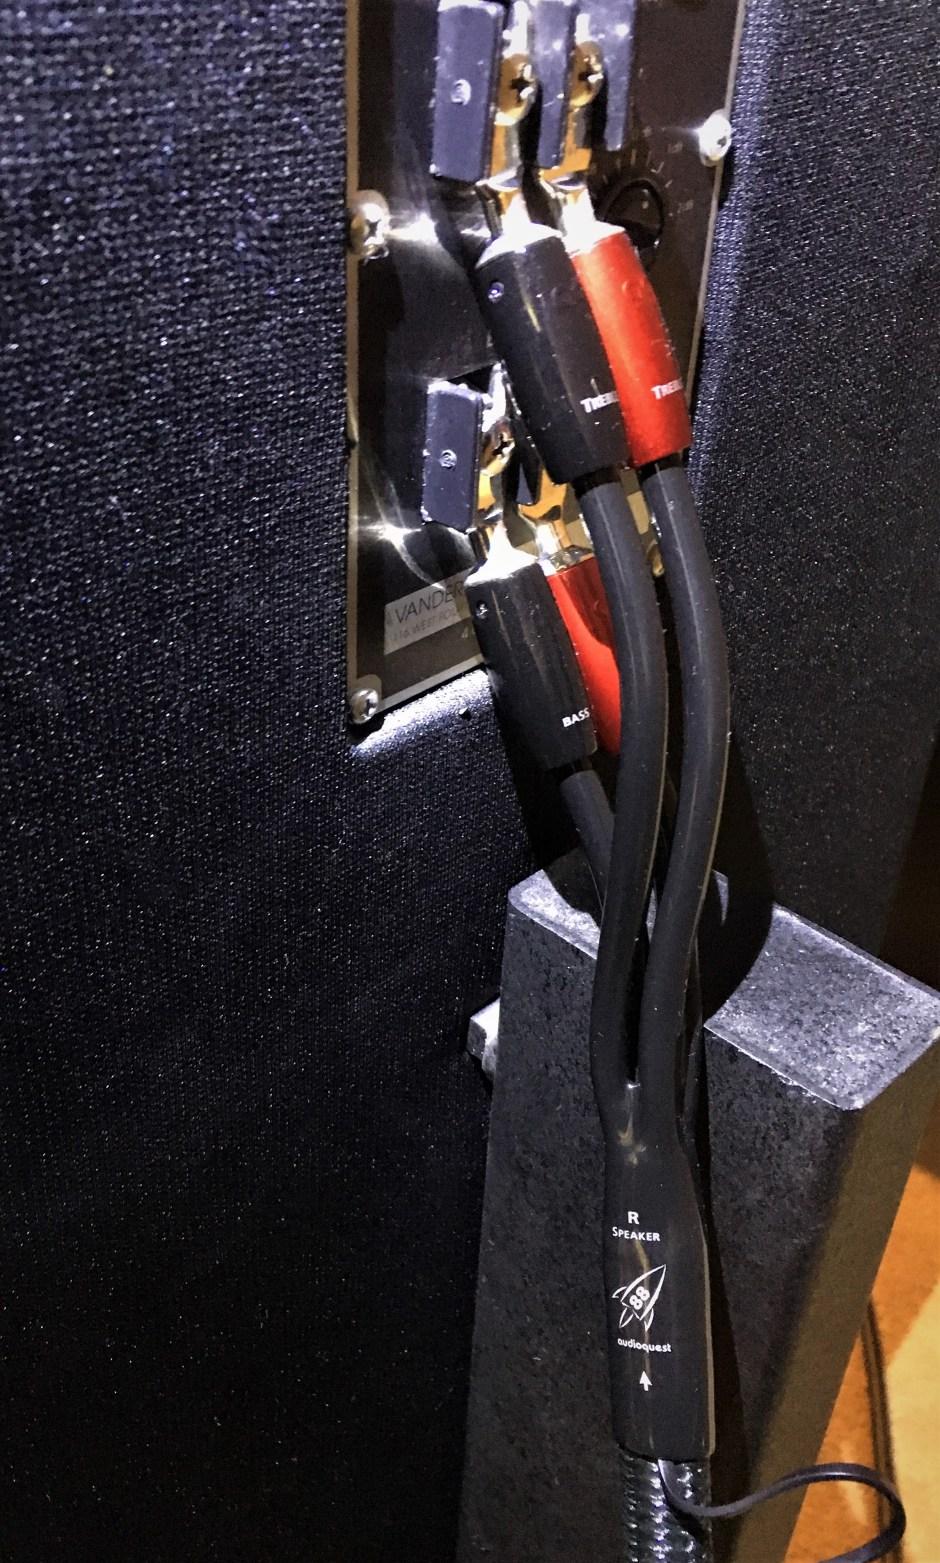 Rocket 88 speaker cable.